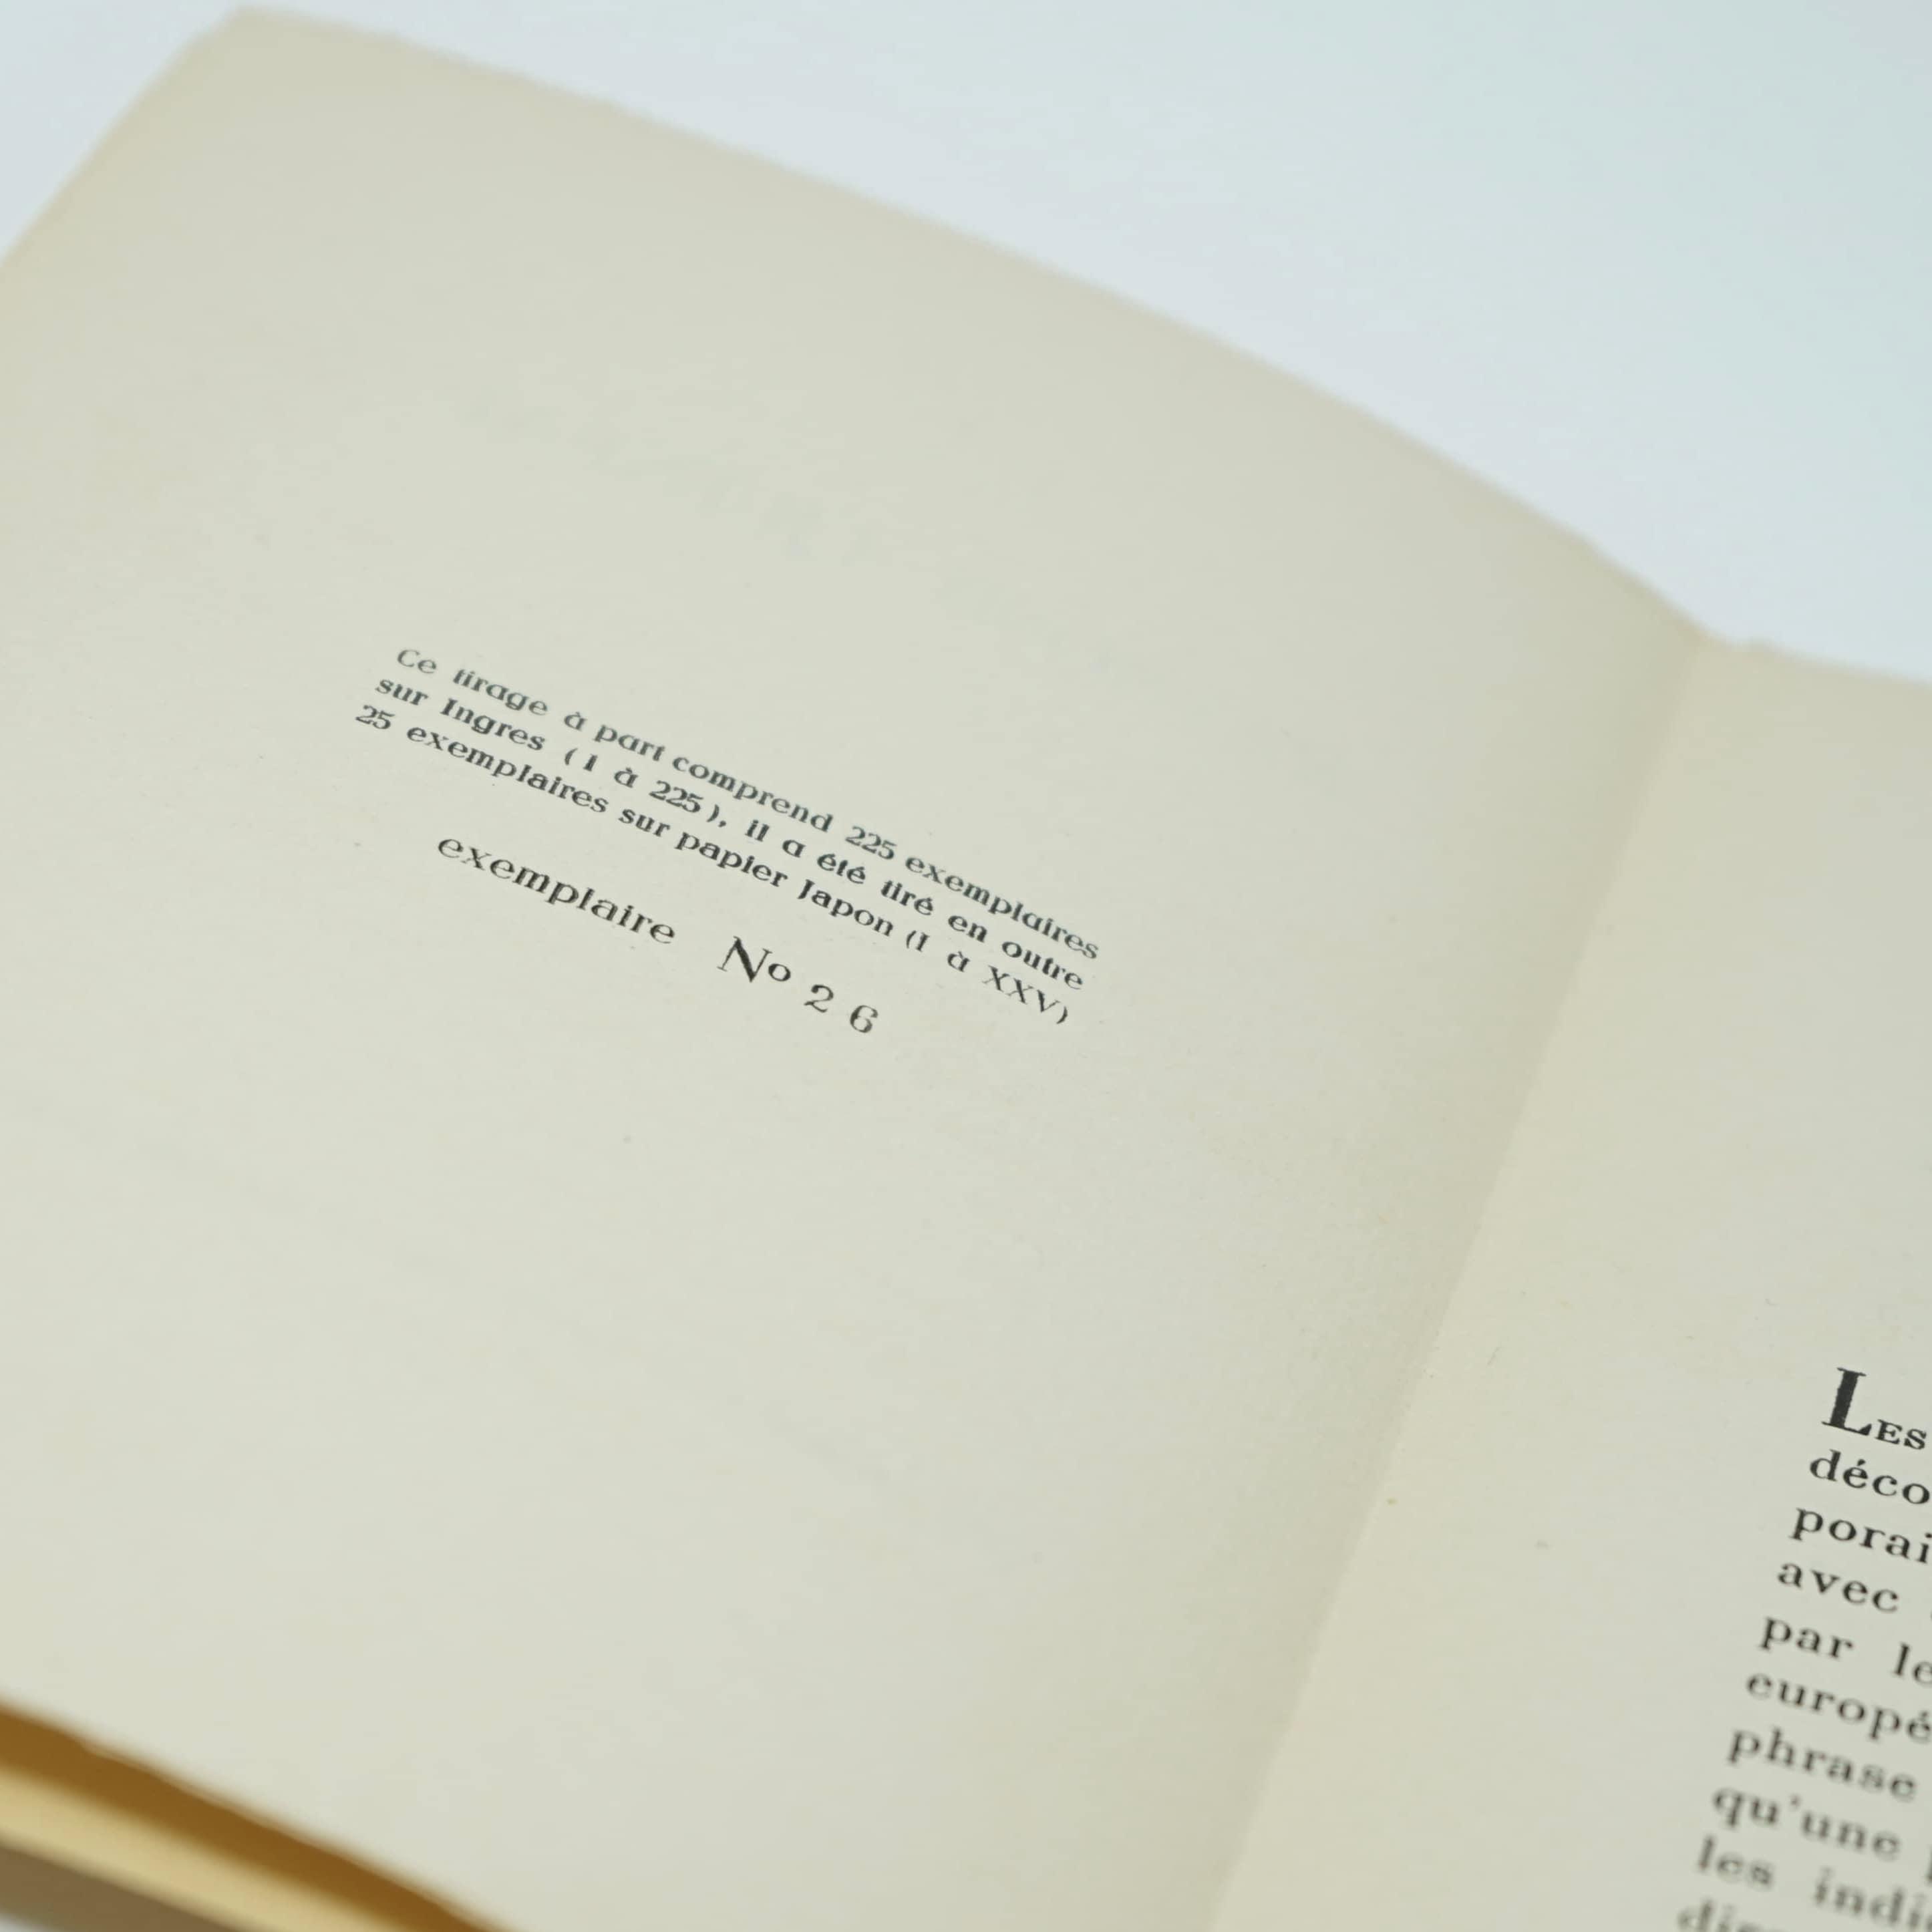 Livre Raymond Queneau numéroté exemplaire n°26